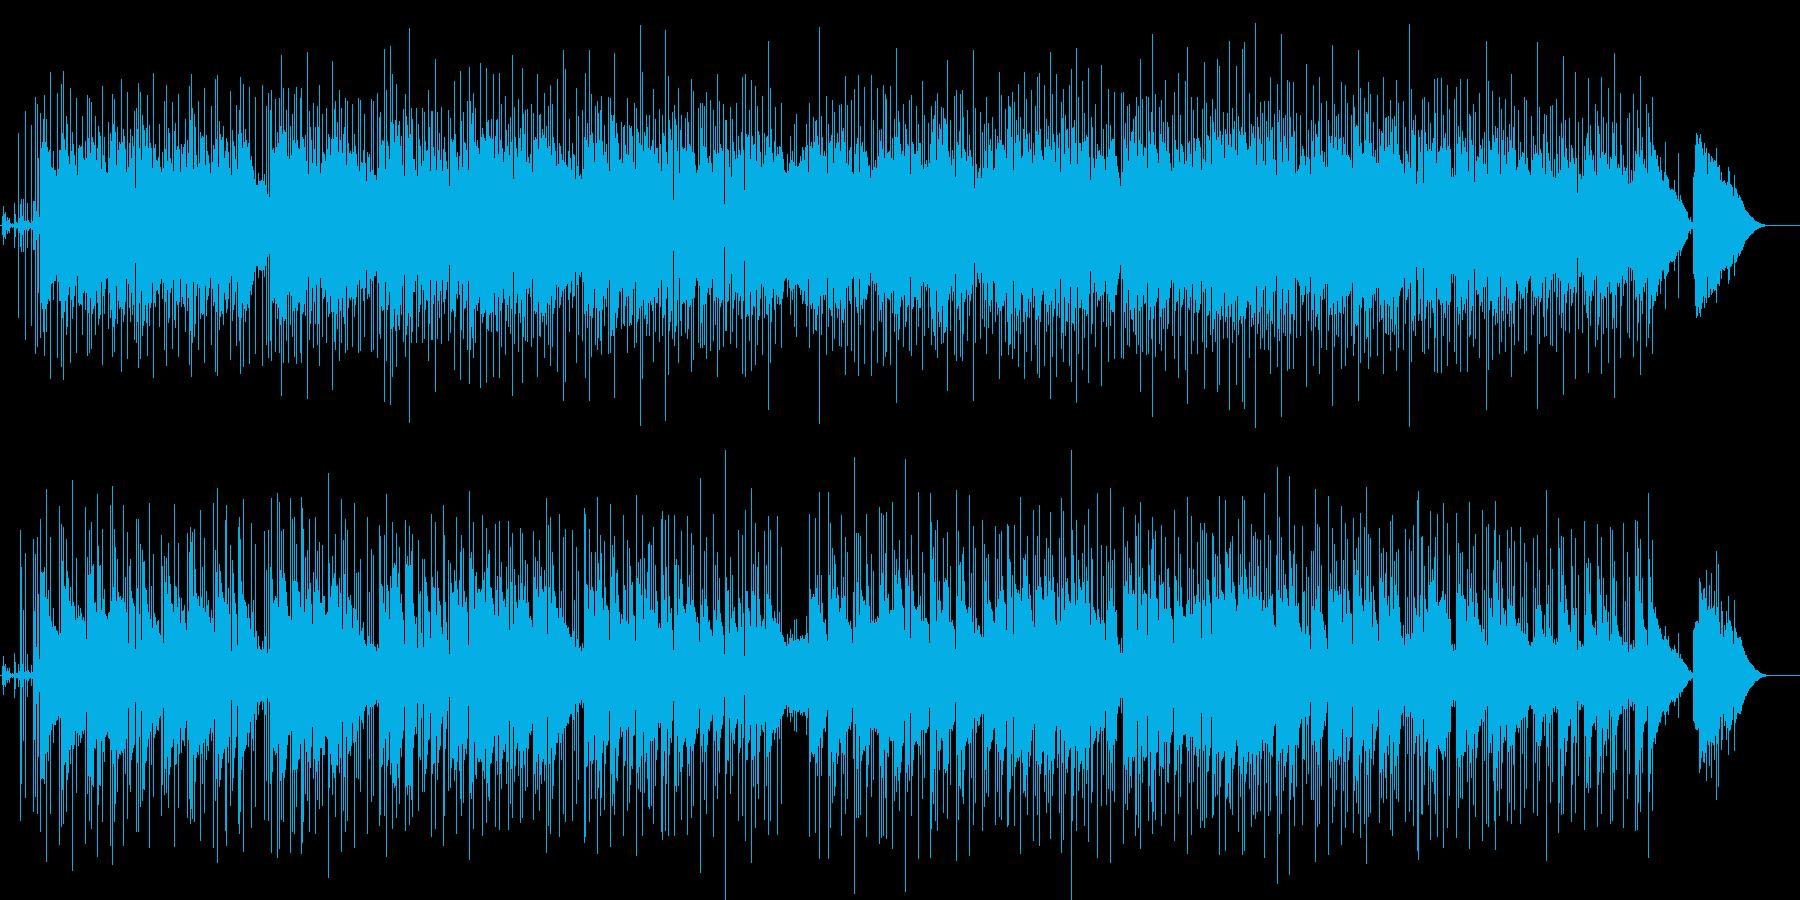 二人のごあいさつ、決意表明等のBGMの再生済みの波形